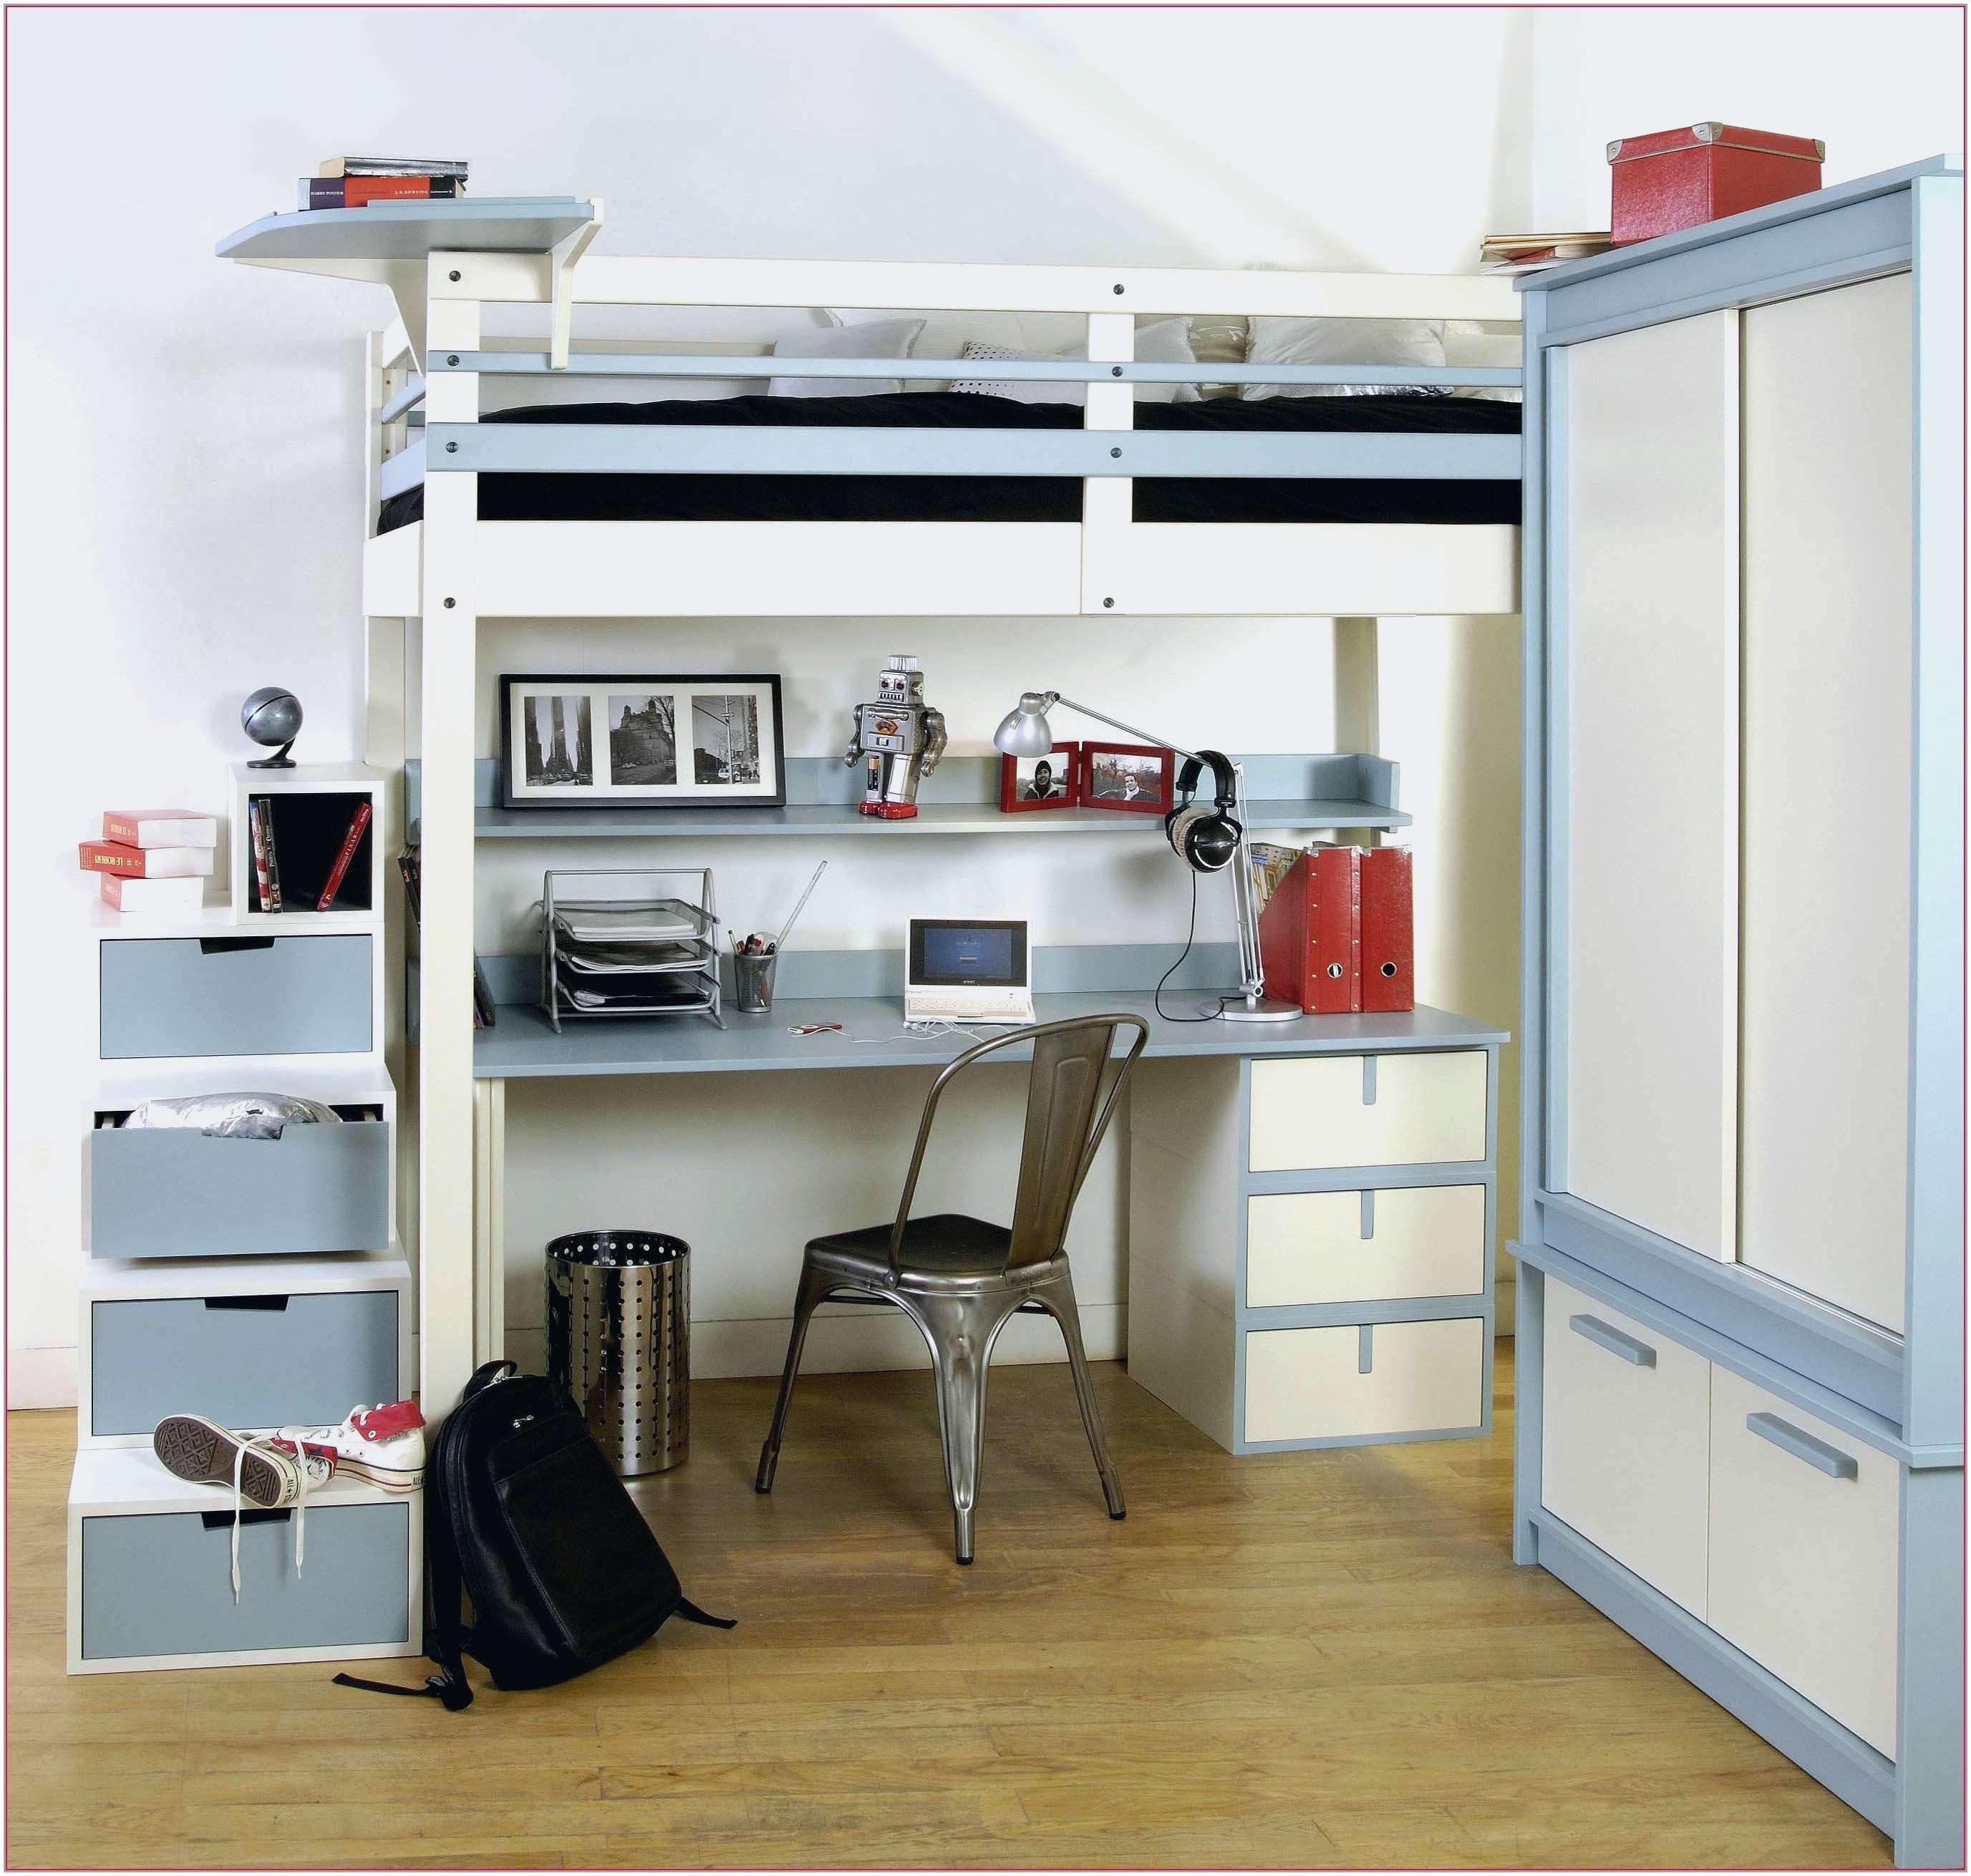 Lit Superposé Caravane Agréable Luxe Lit Mezzanine Ikea 2 Places Pour Meilleur Lit Superposé Adulte